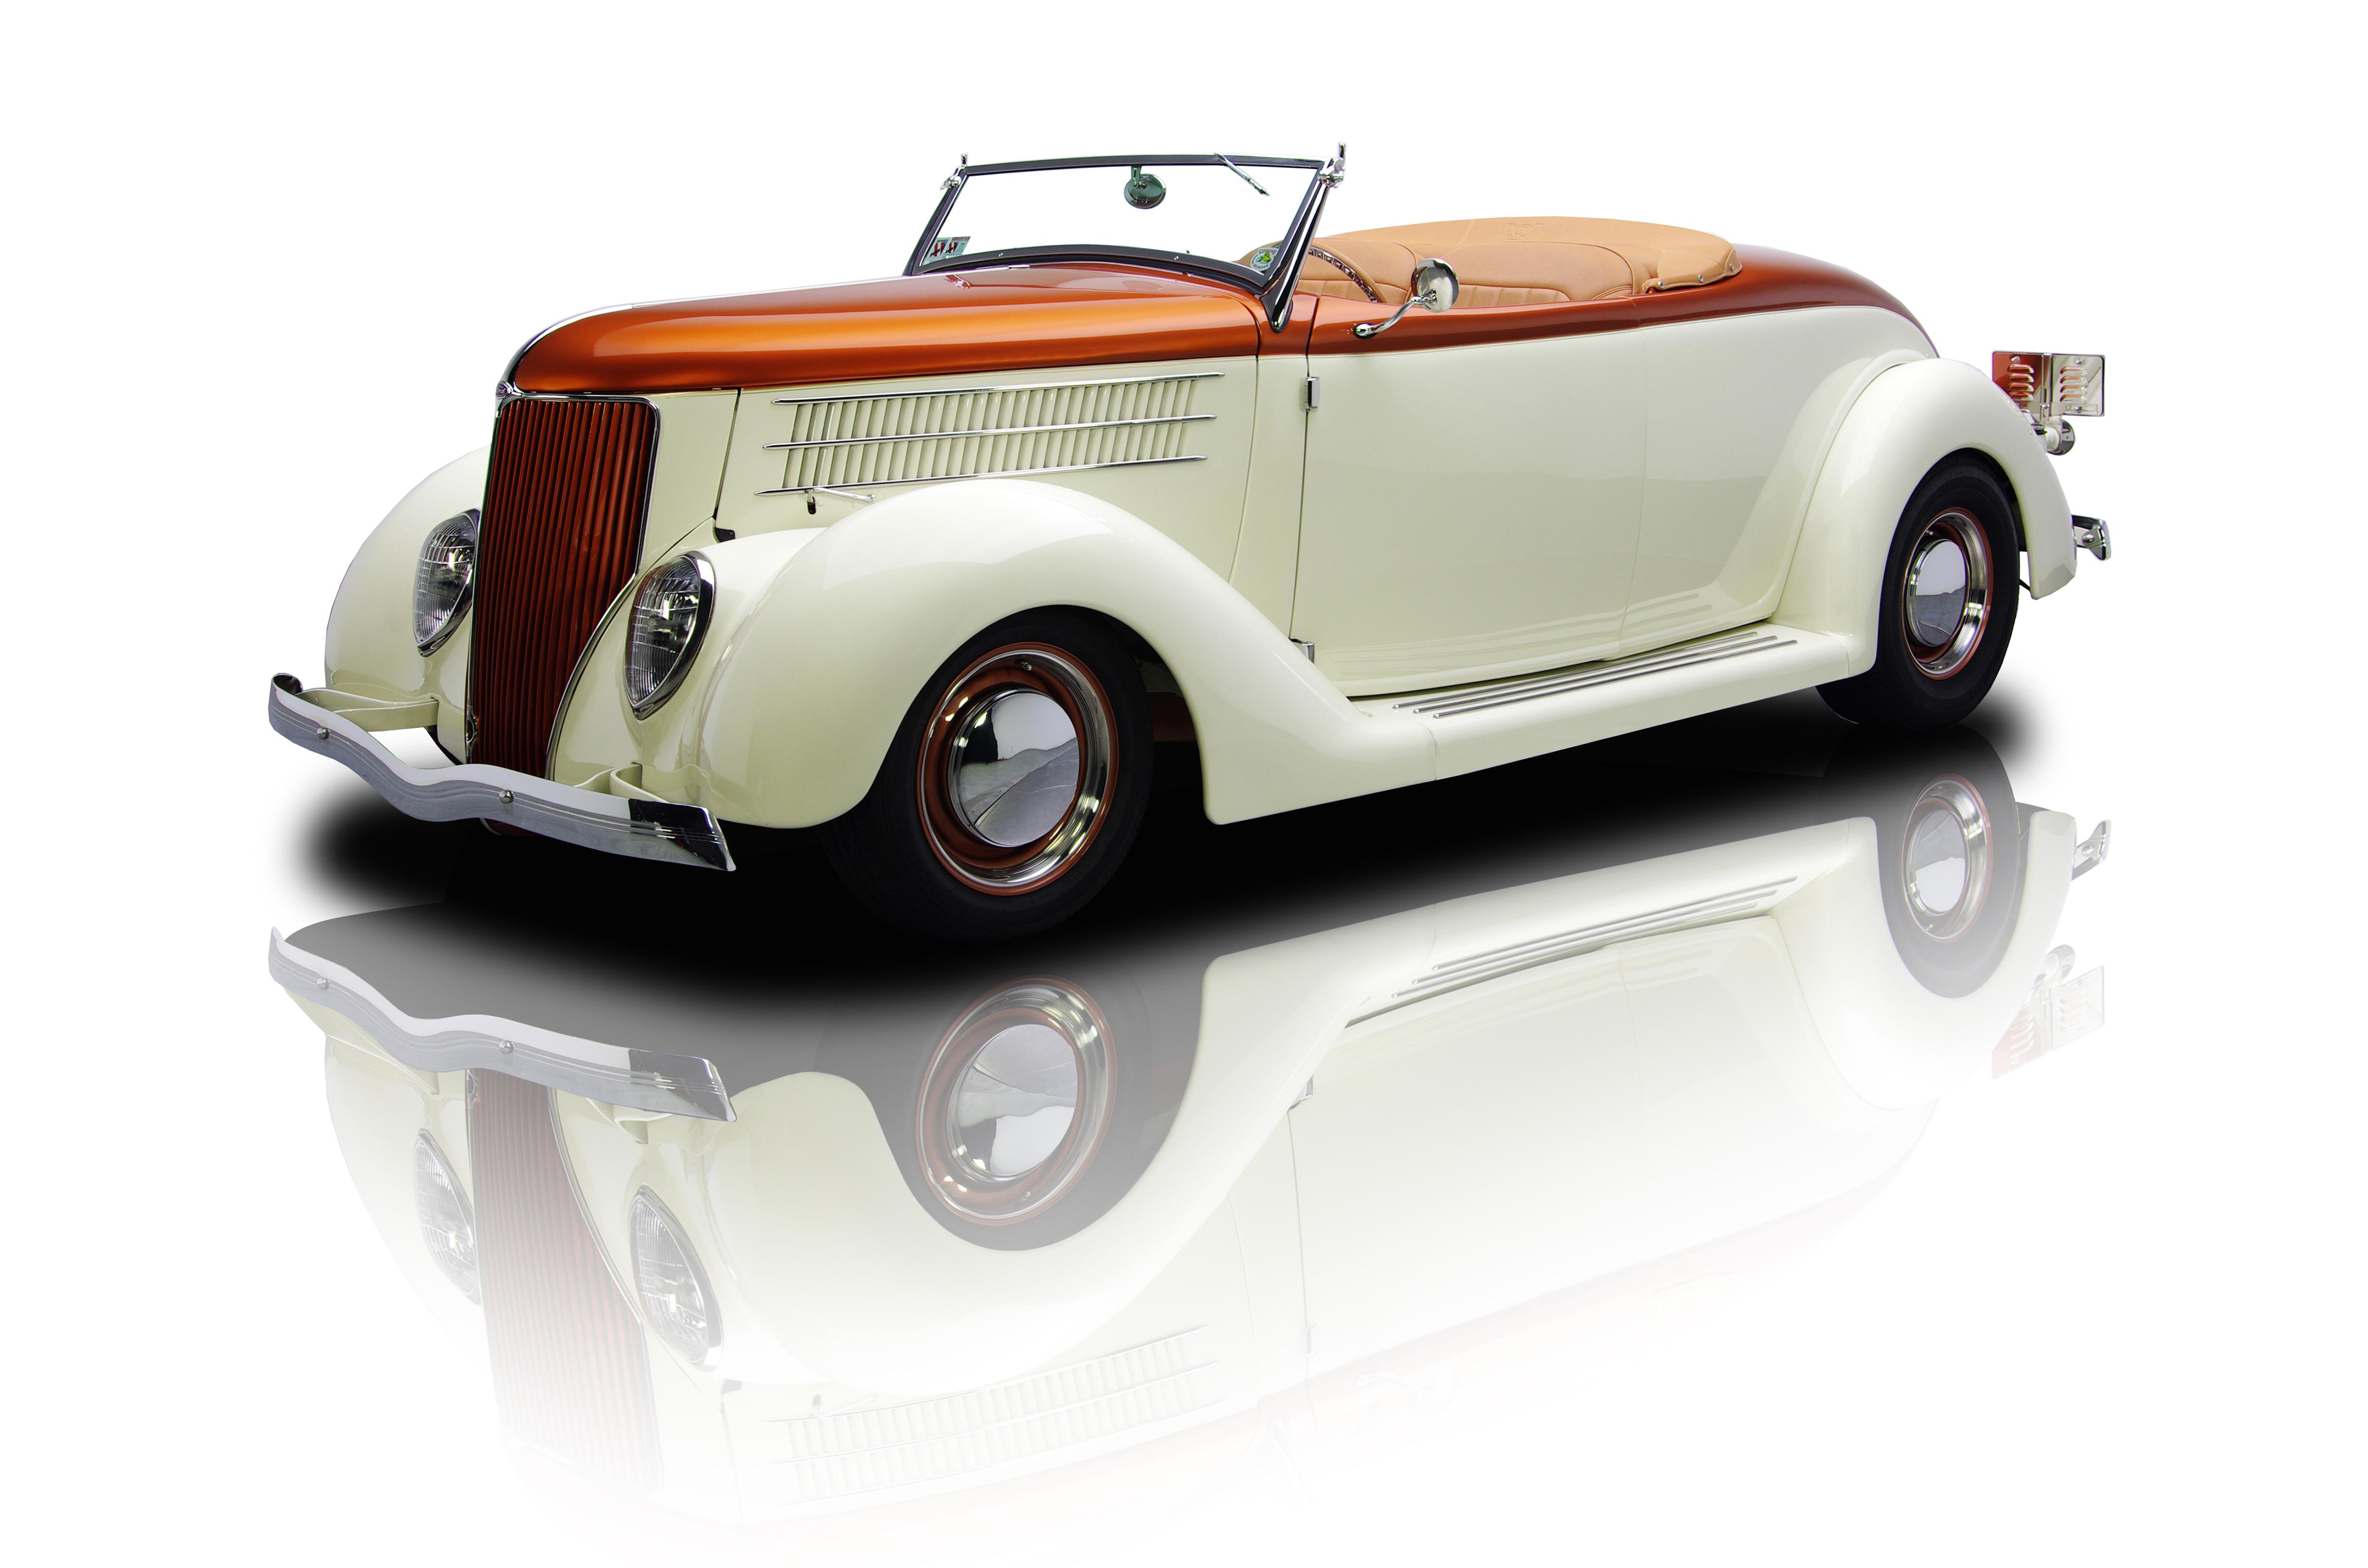 Rk Motors Charlotte Inventory >> 132538 1936 Ford Roadster   RK Motors